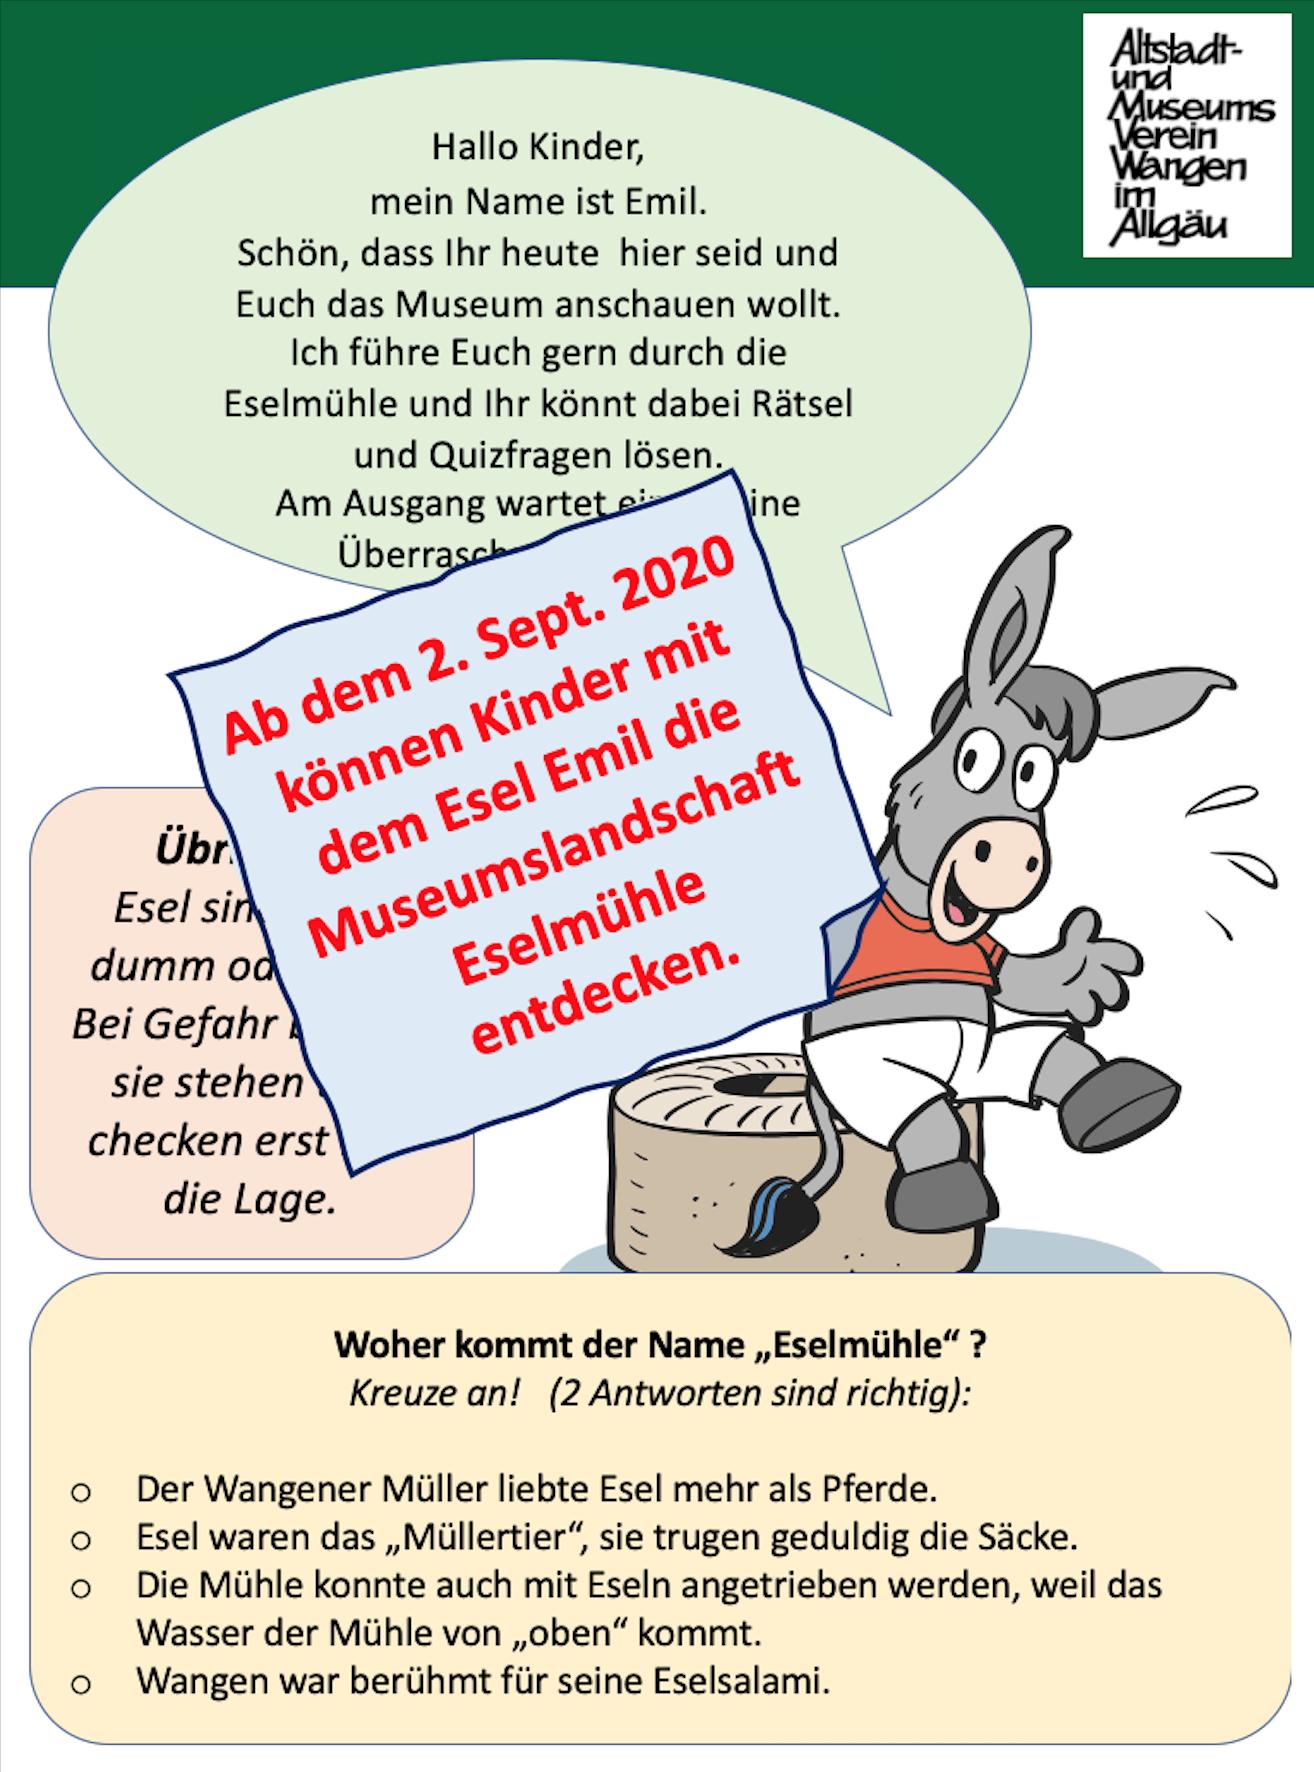 Museumskinderführungen mit dem Esel Emil